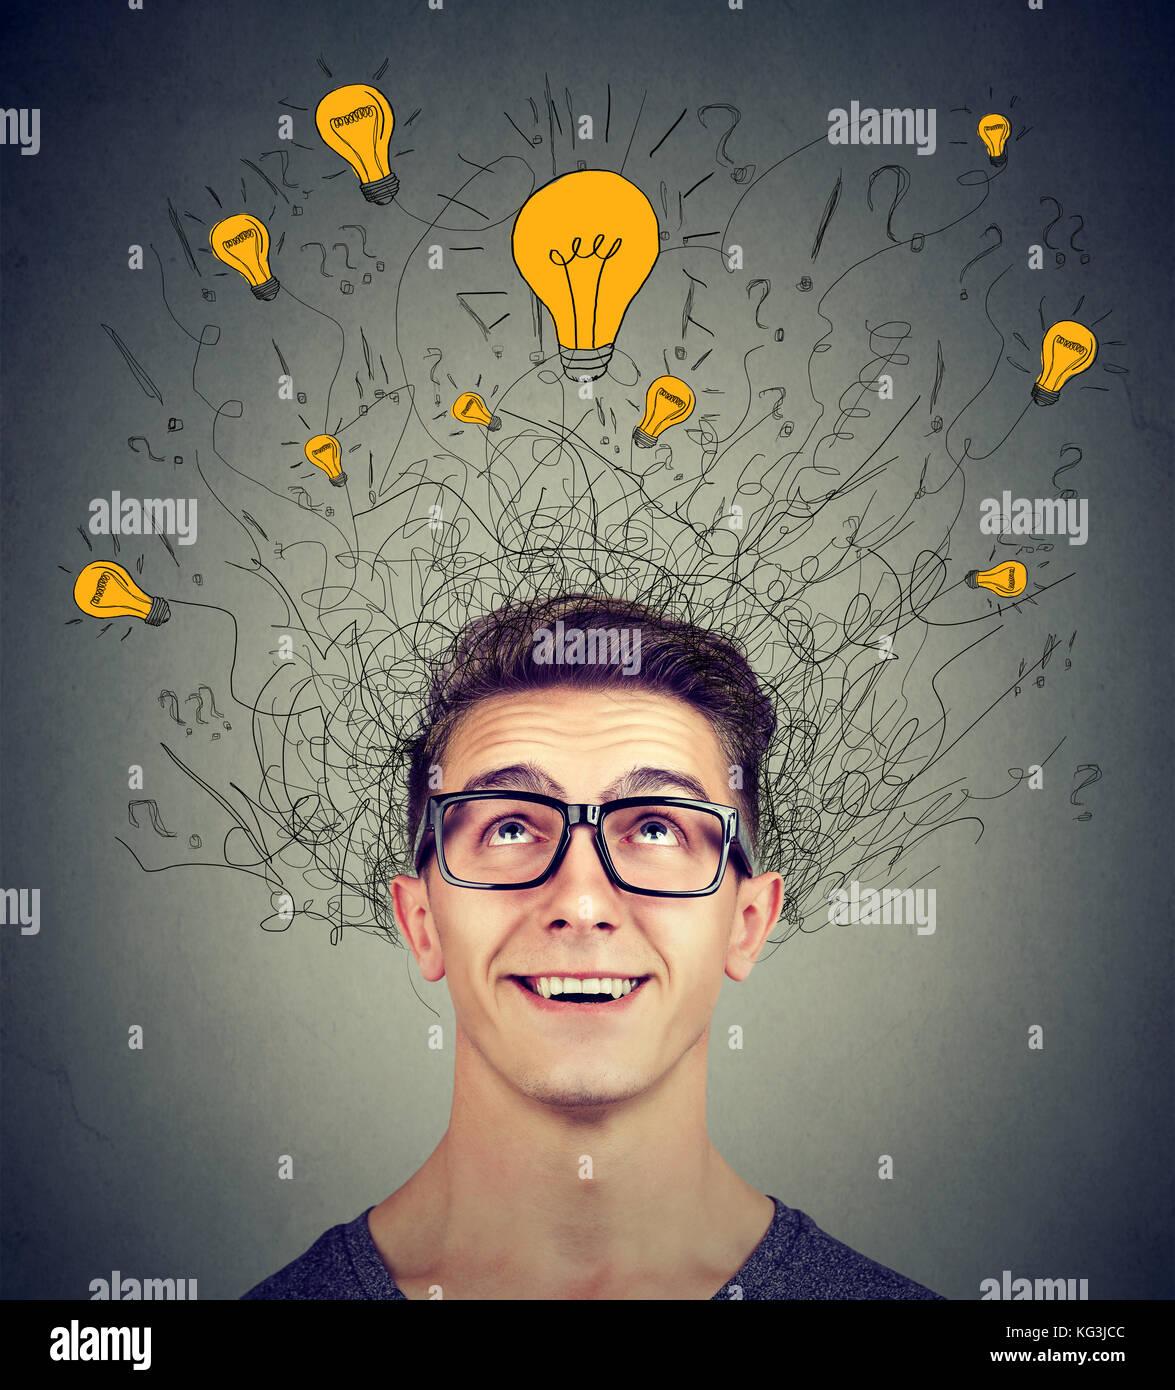 Verbindungen im Gehirn. aufgeregt, der Mensch sich an vielen Ideen Lampen über dem Kopf auf grauen Hintergrund Stockbild